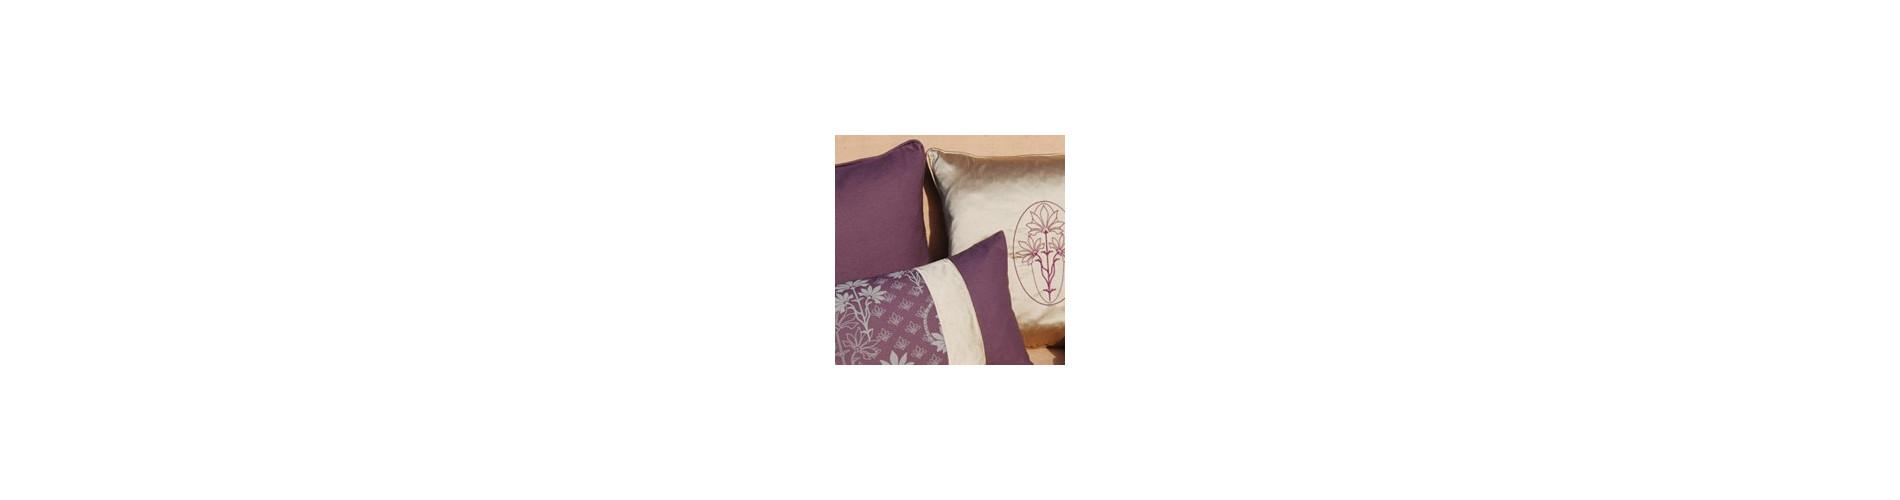 Anne Fortin Cushions